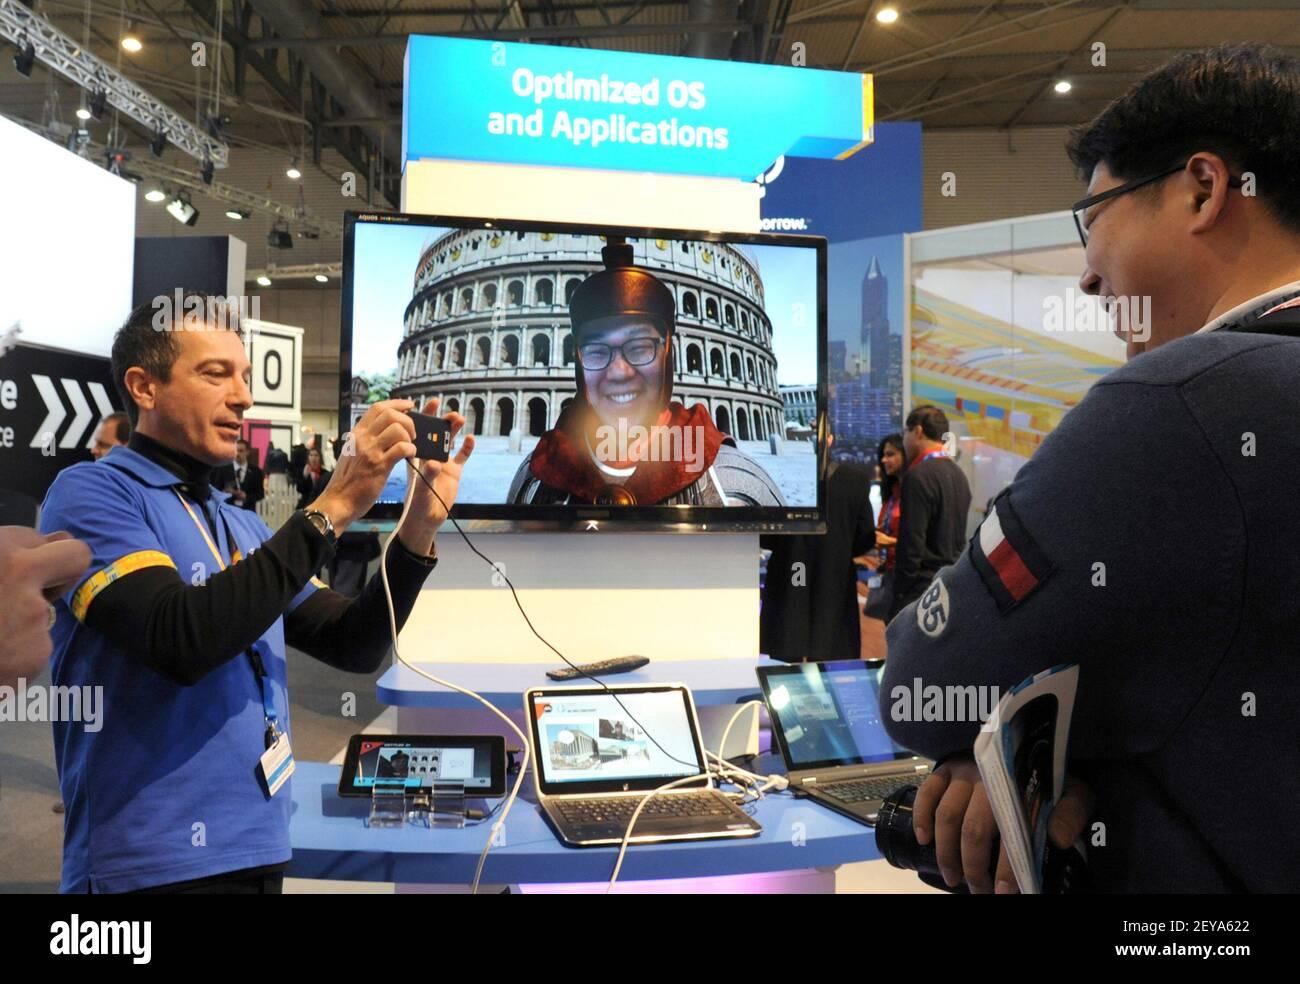 25 de febrero de 2013 - Barcelona, España - en esta foto publicada por Intel Corporation, Rino Cavallucci de Intel demuestra su tecnología de virtualización, combinando multimedia, edición de imágenes y realidad virtual mixta en el stand de Intel en el Mobile World Congress, lunes, 25 de febrero de 2013 en Barcelona, España. La tecnología de virtualización Intel ayuda a los desarrolladores a acelerar el desarrollo de aplicaciones móviles para mejorar el proceso de pruebas, depuración y optimización. Mobile World Congress es una de las mayores reuniones anuales de más de 60.000 líderes móviles de 200 países a un lugar a la vez para definir la m Foto de stock